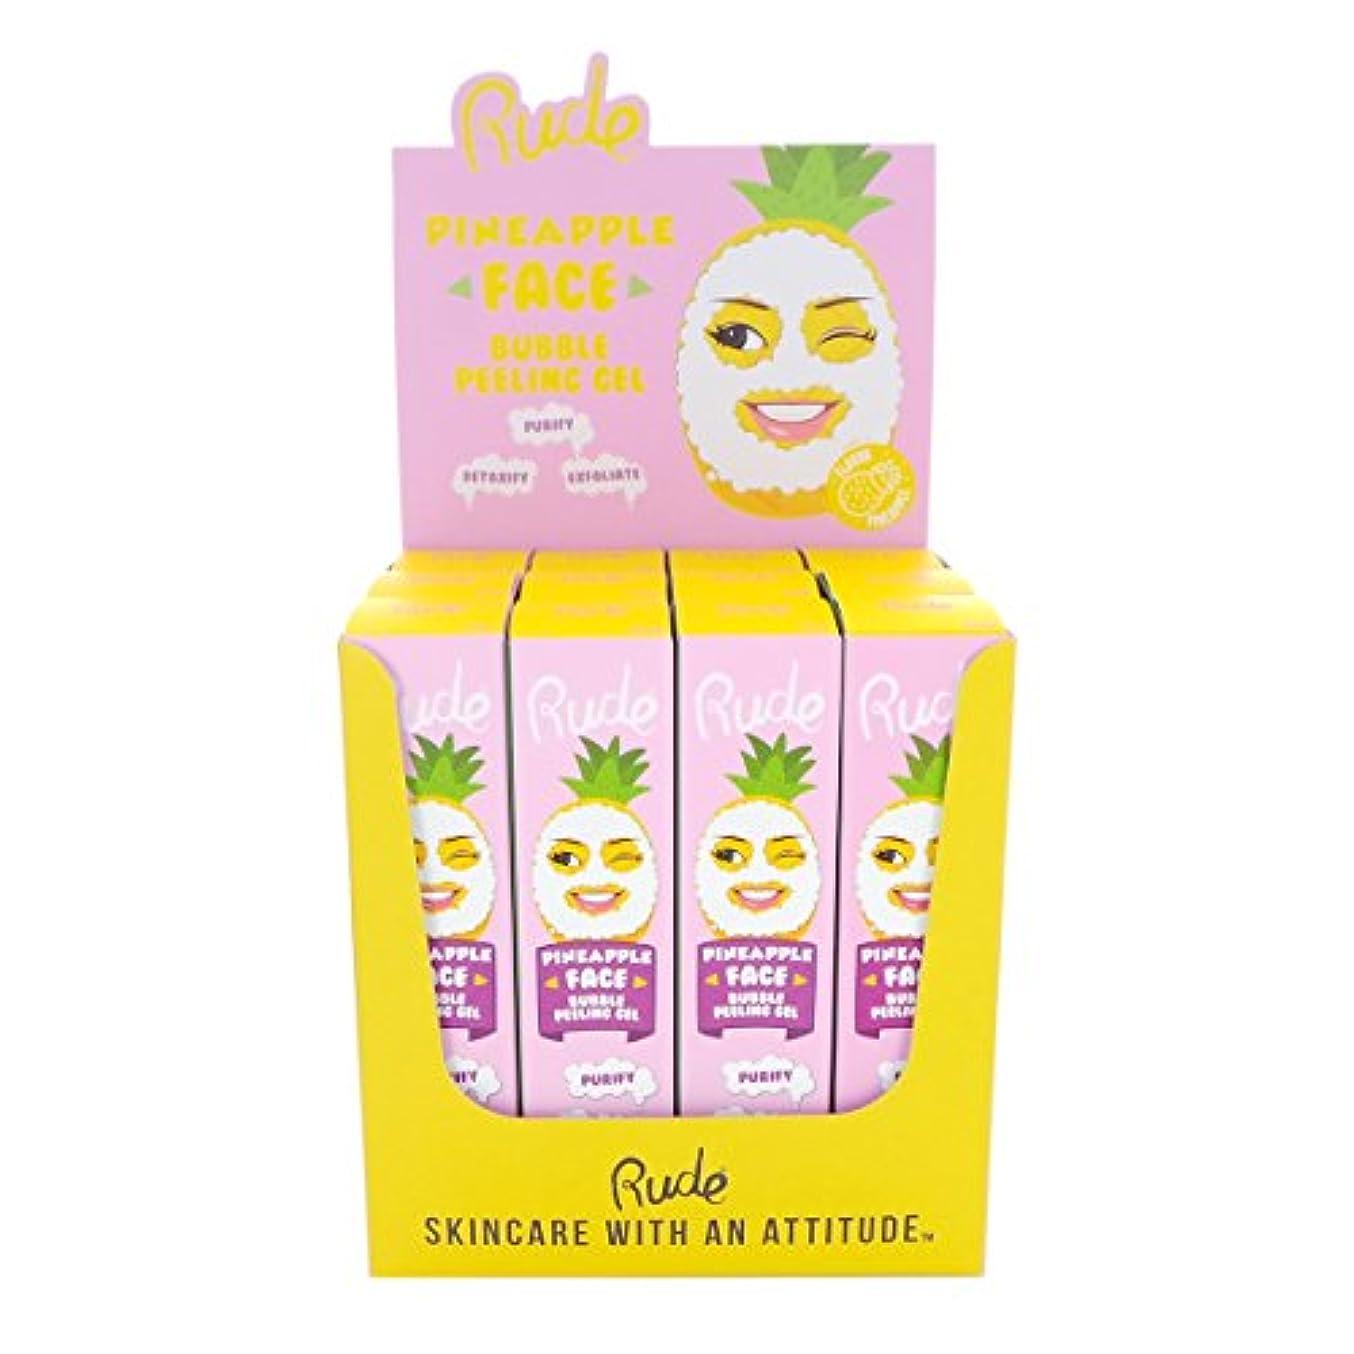 遵守する湿気の多いのみRUDE Pineapple Face Bubble Peeling Gel Paper Display Set, 12 Pieces (並行輸入品)